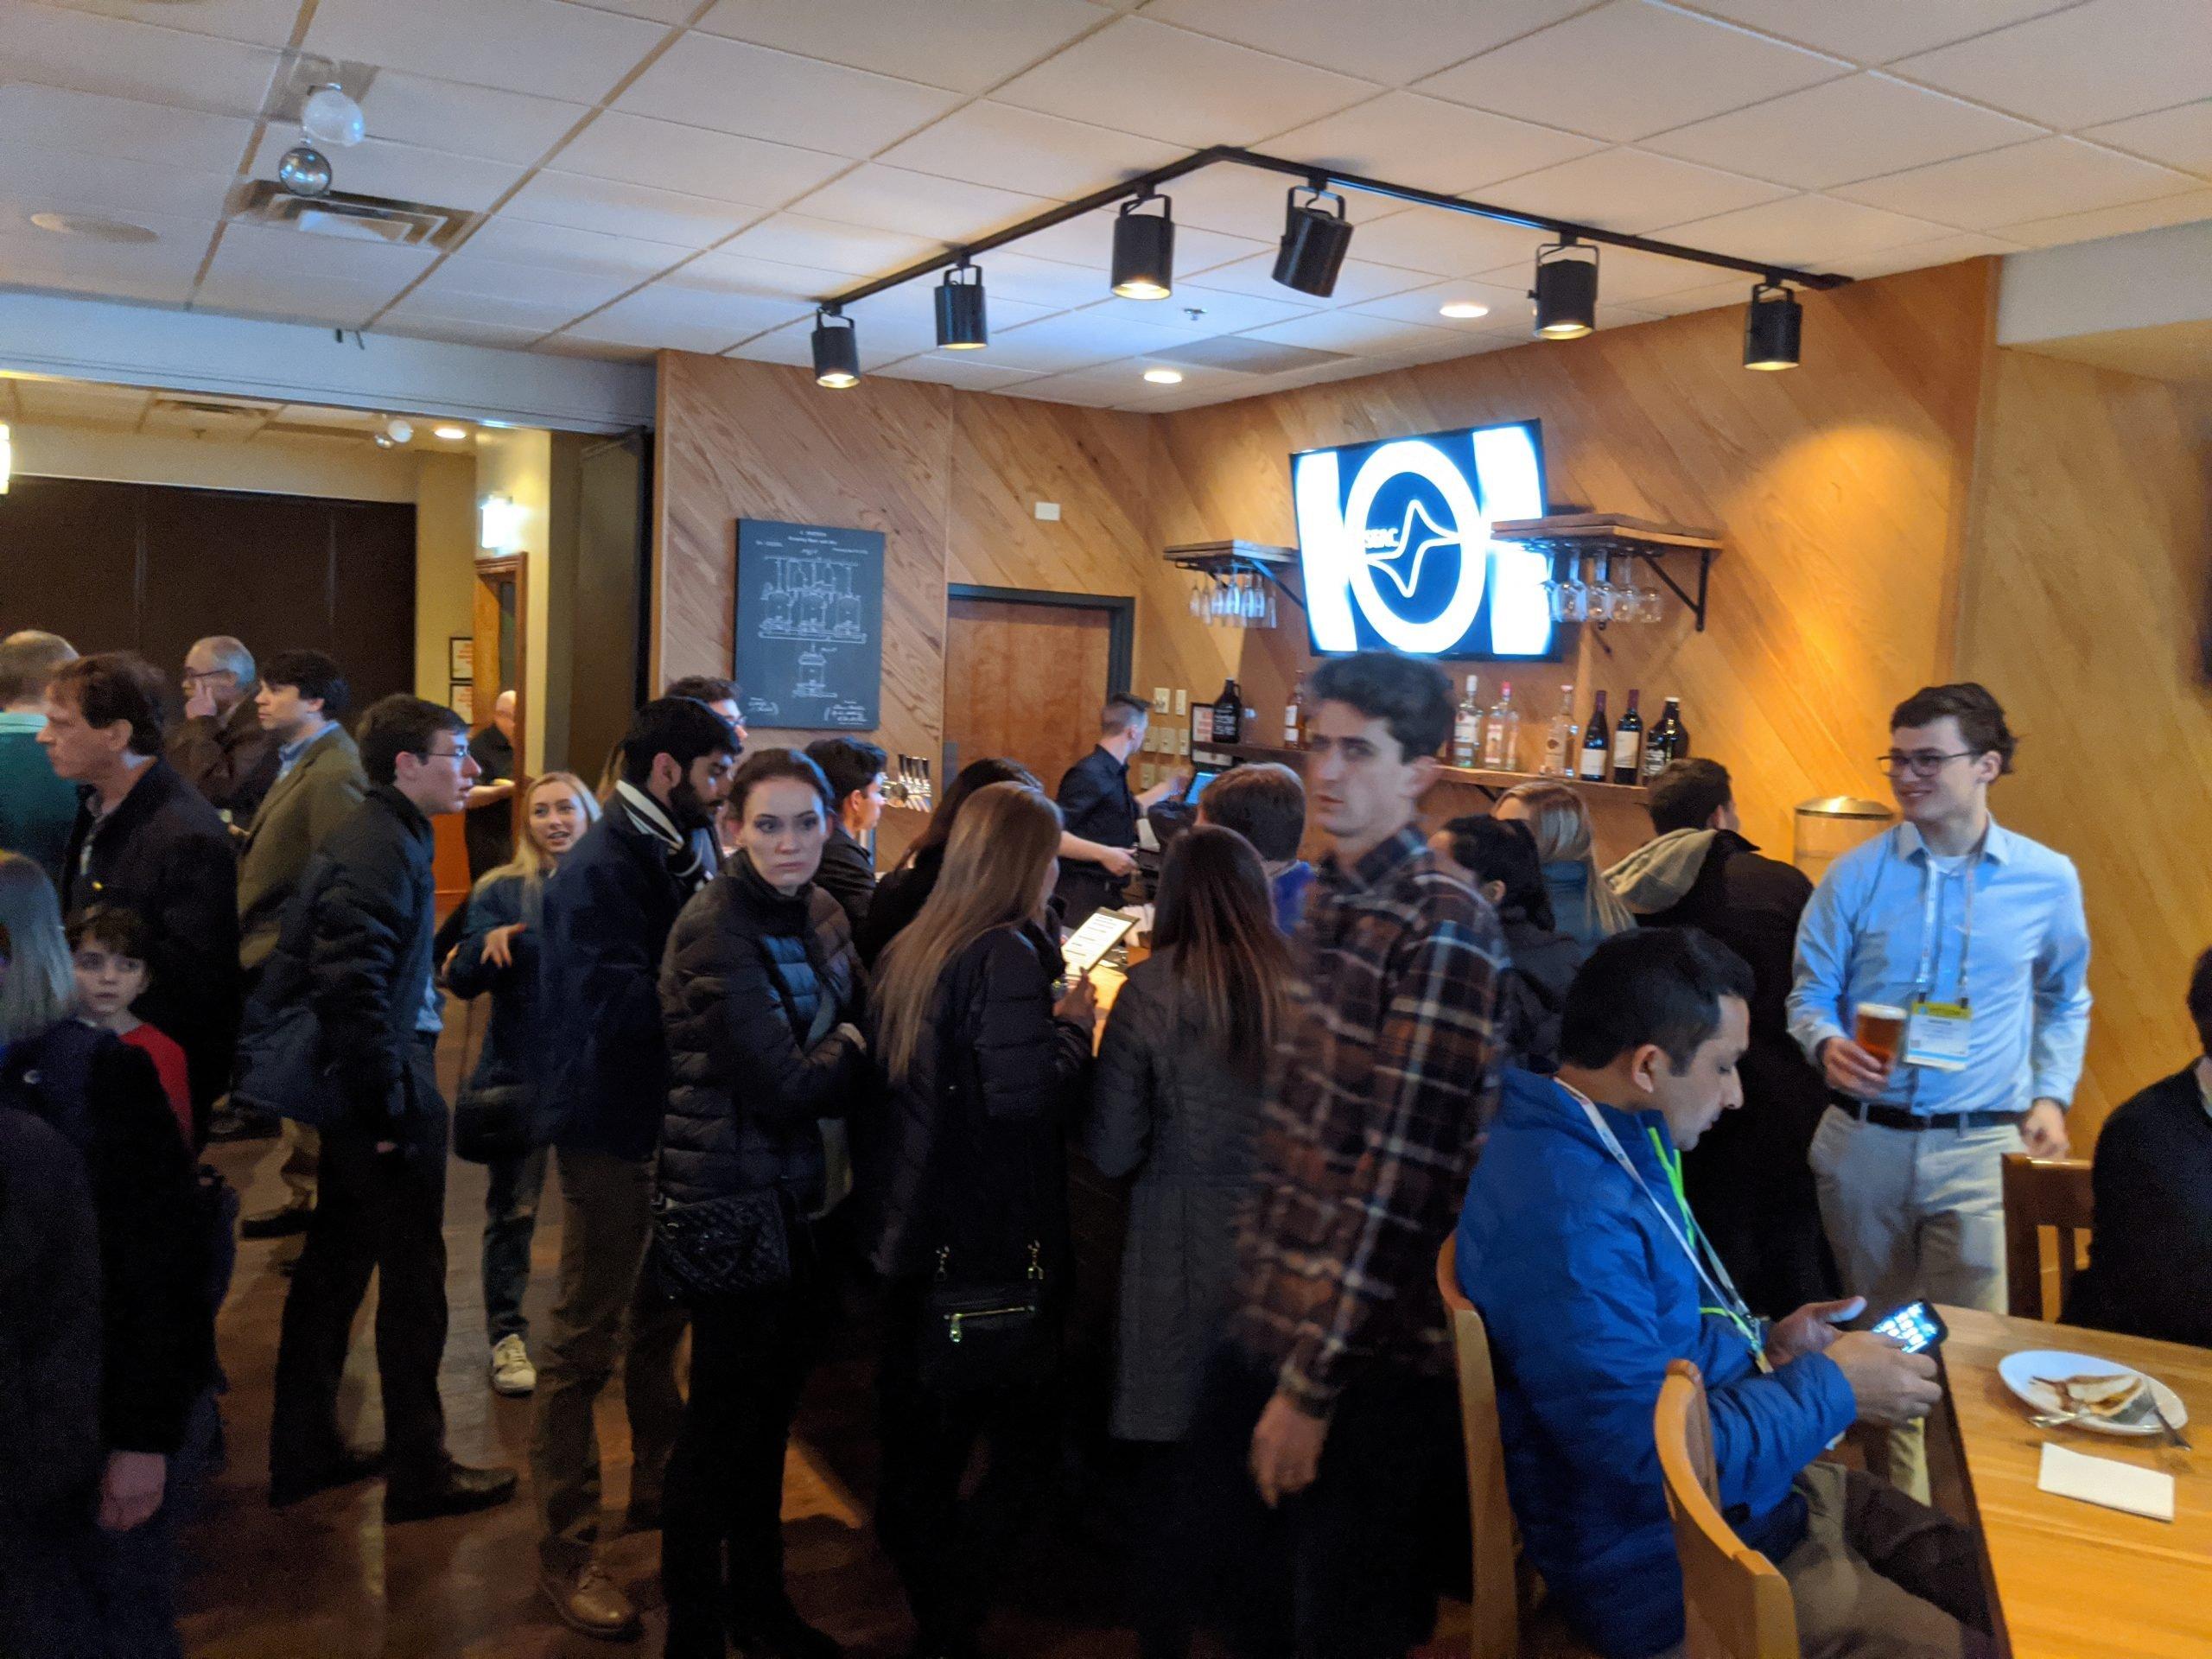 SEAC Reception 2020 at Pittcon (Chicago, IL) – 36